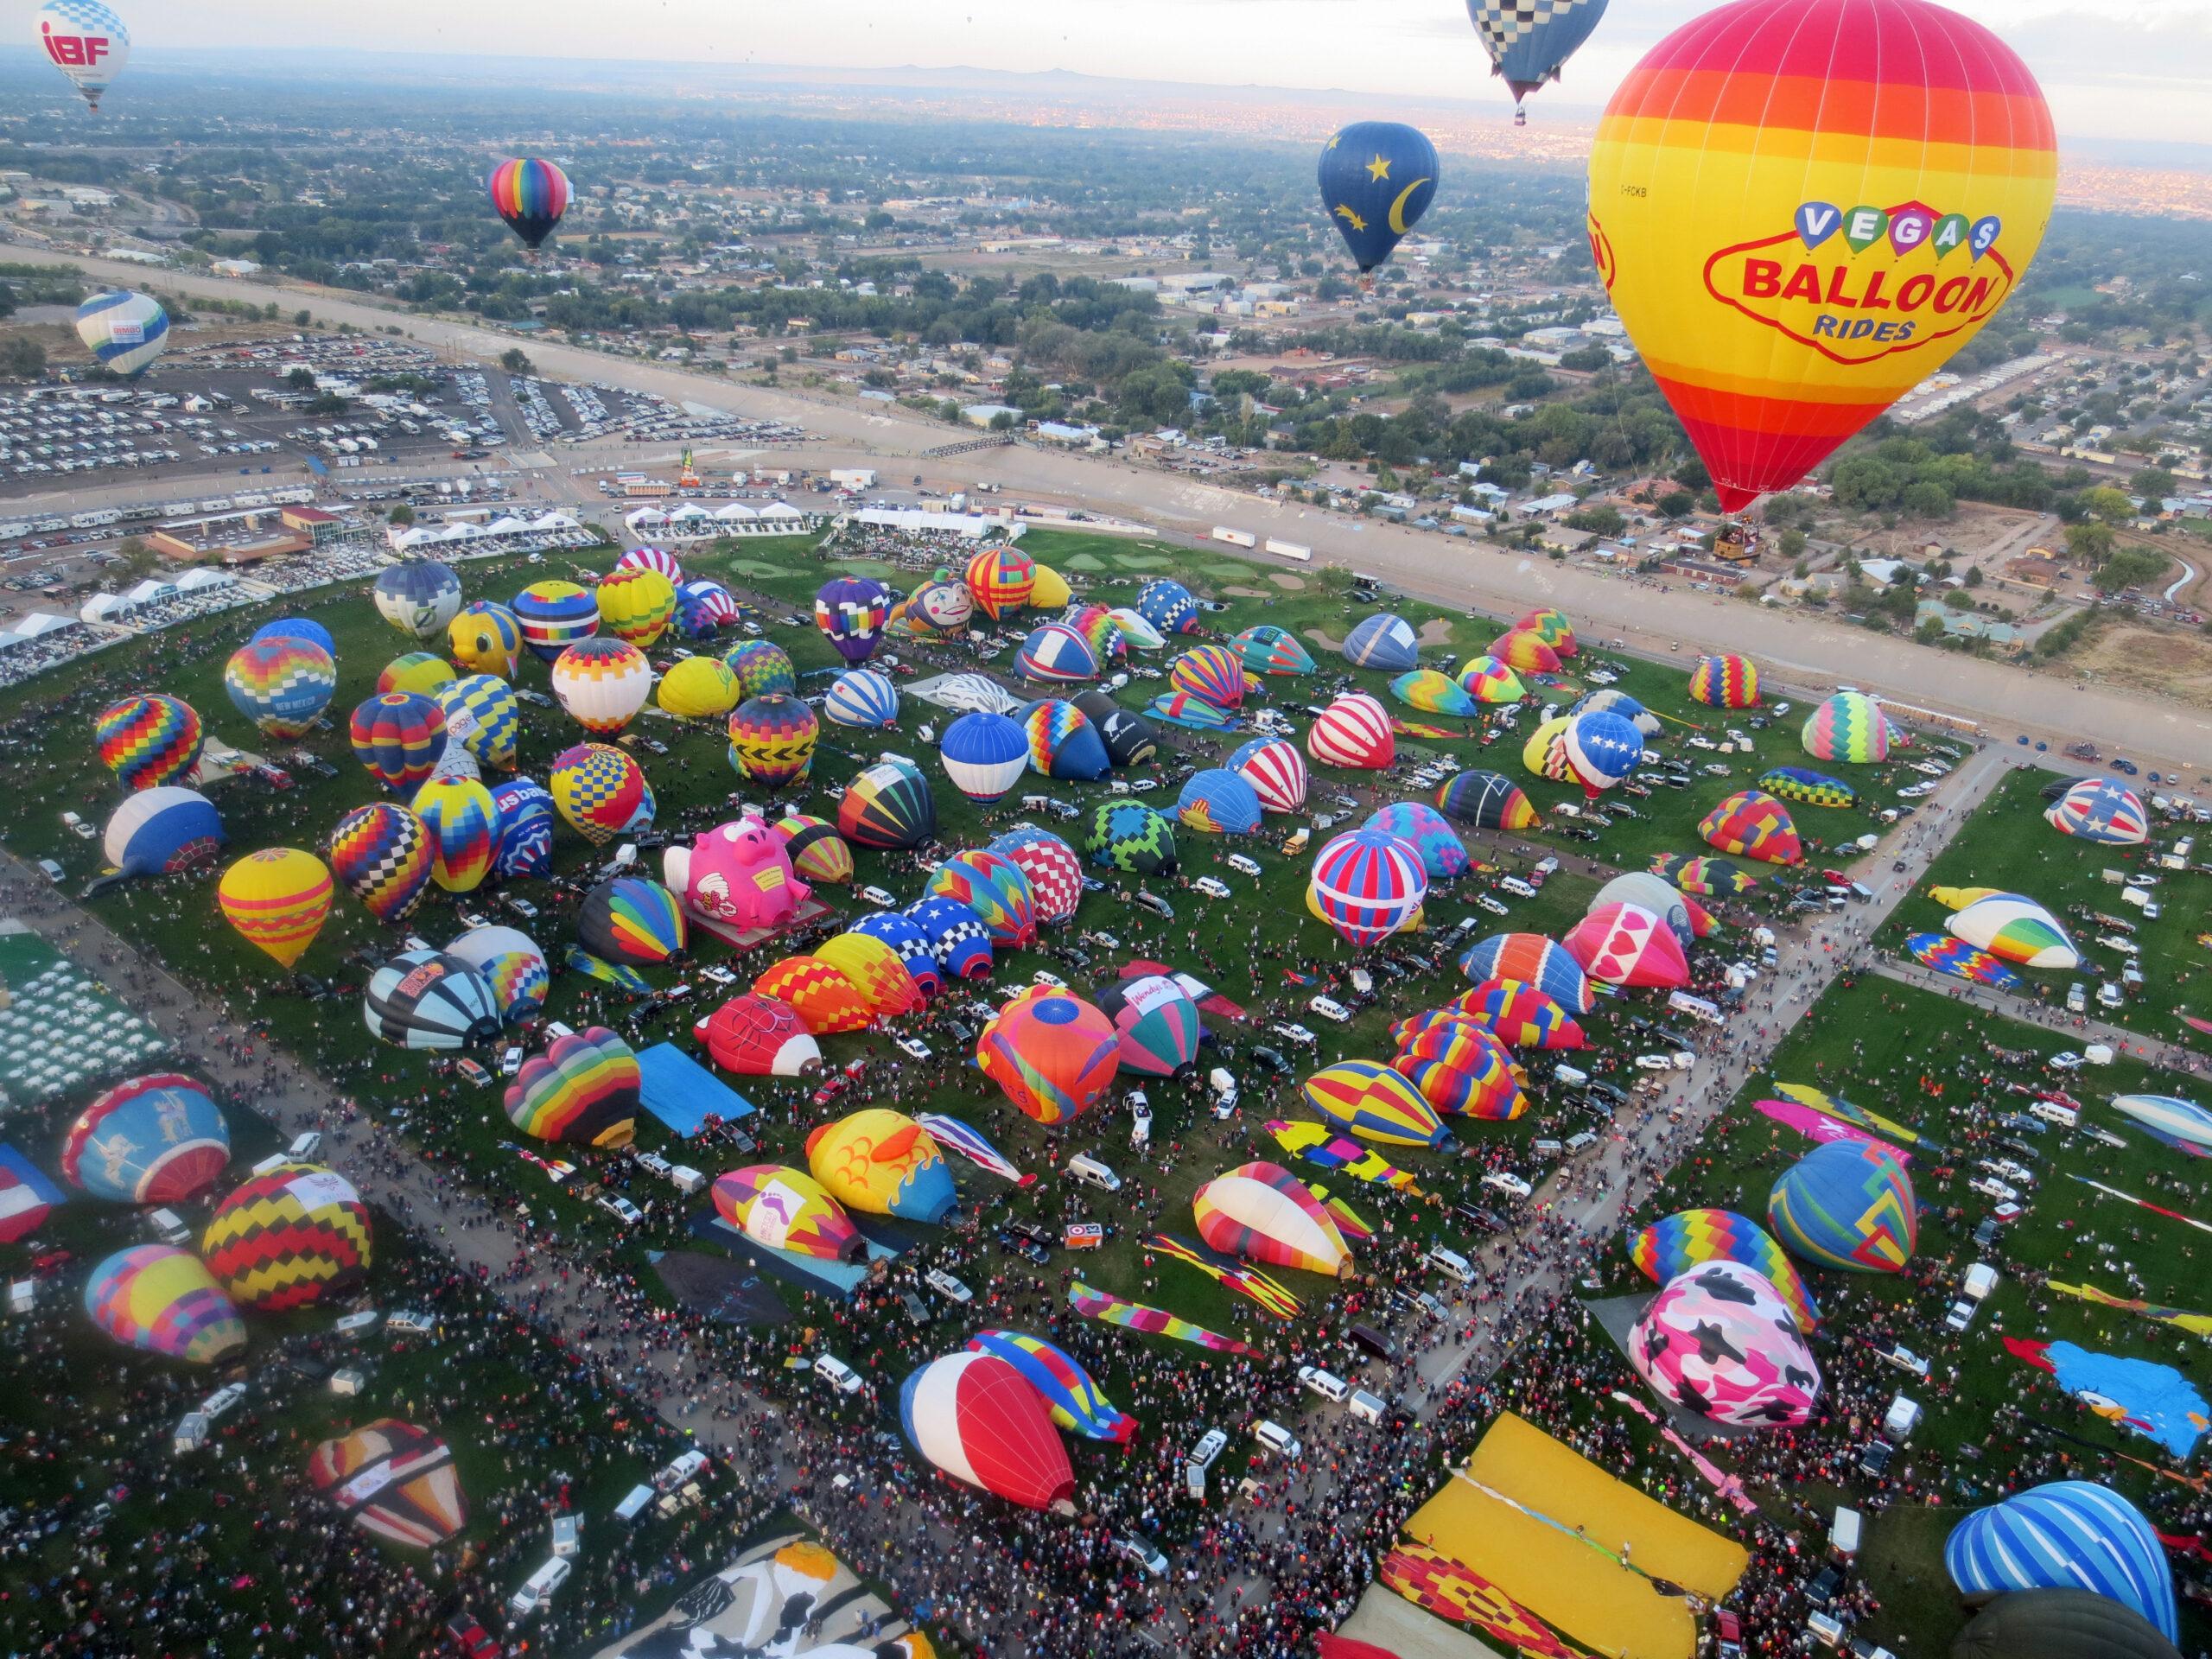 field full of hot air balloons at Albuquerque Balloon Fiesta - seen while RV camping near Albuquerque